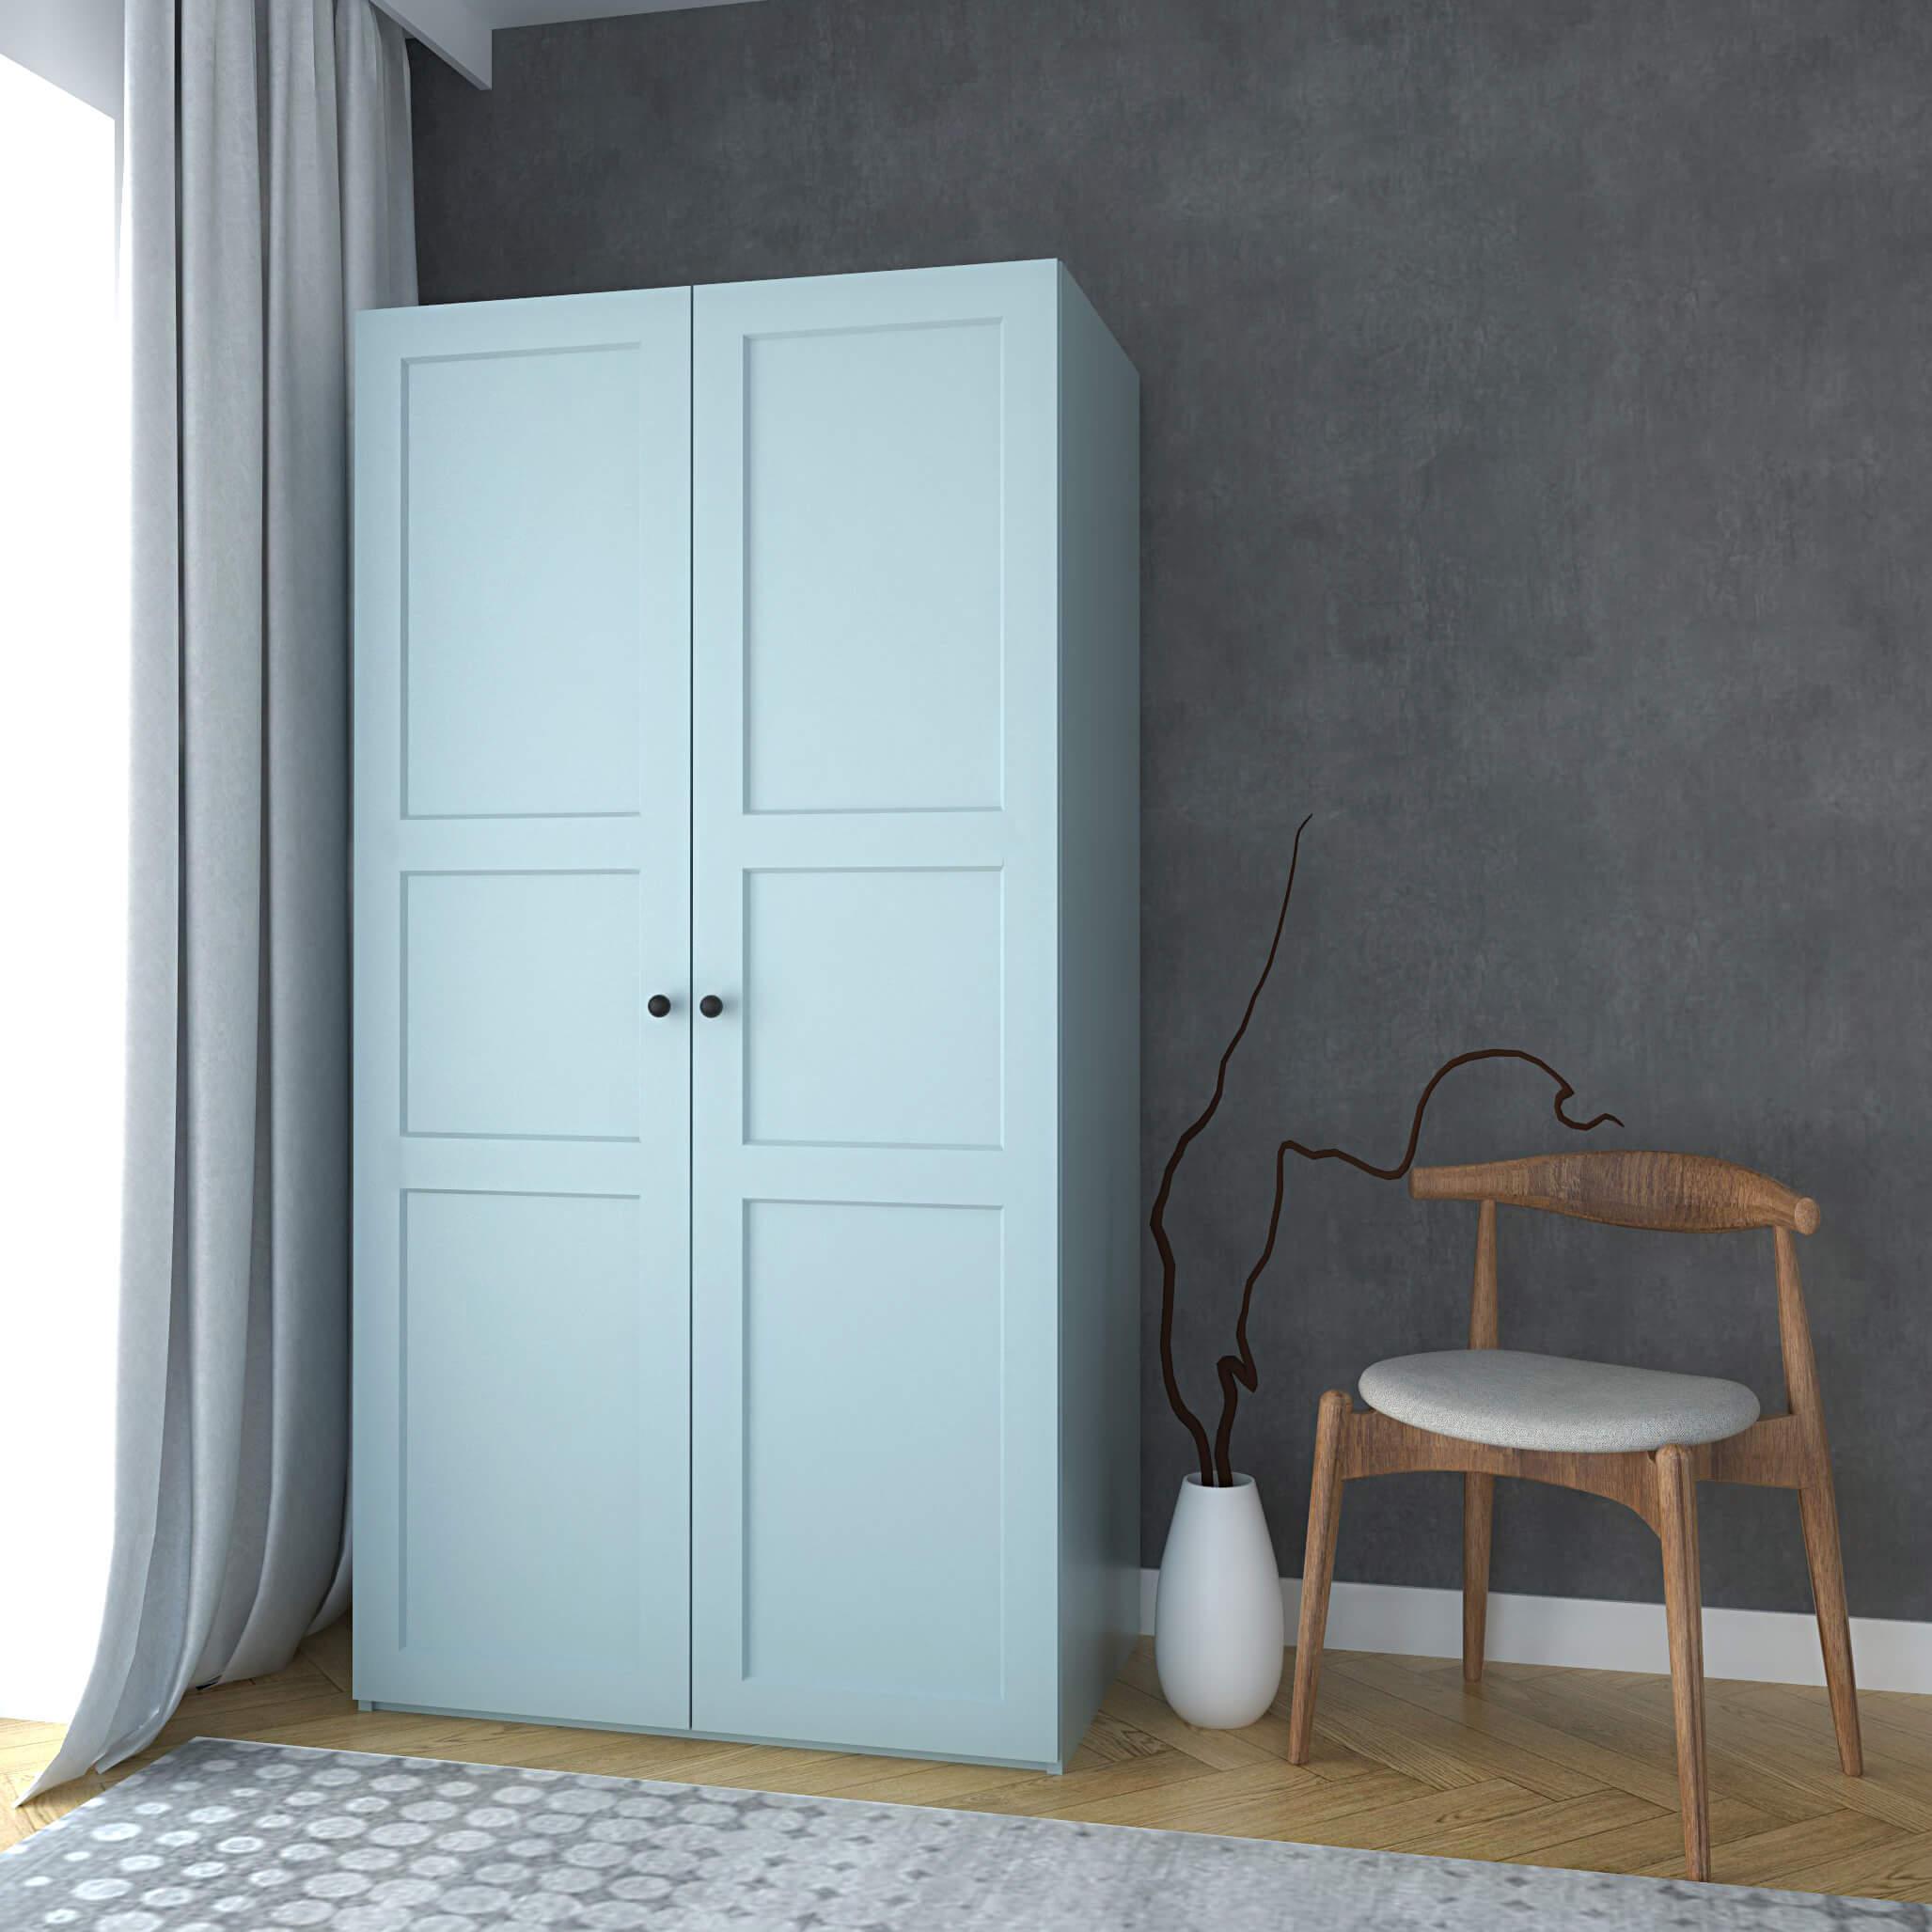 Besta Storage PAX Wardrobes Create Your Own Dream Space